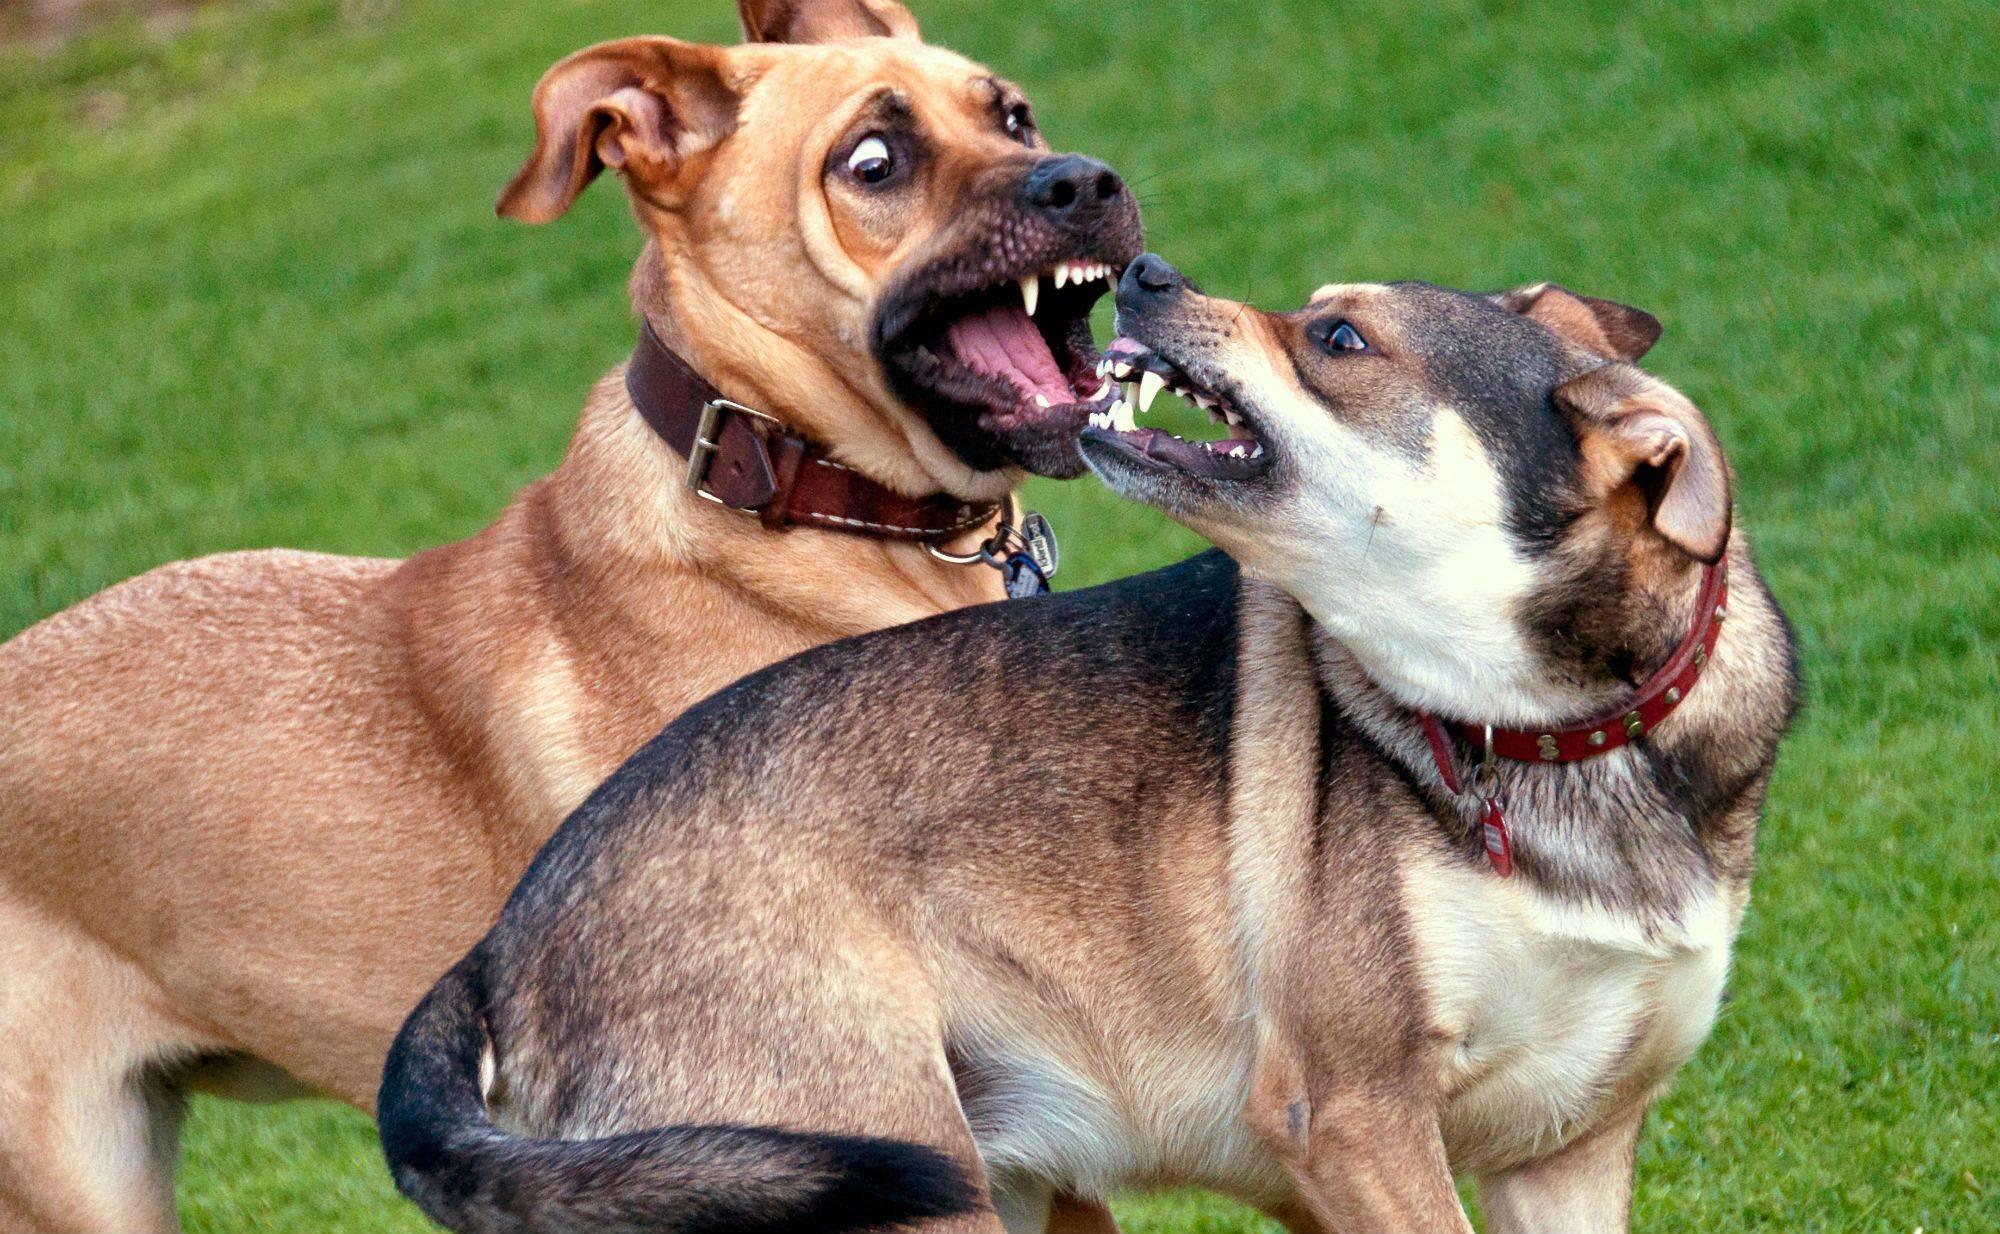 Рычание собаки: что делать, если она начала рычать на хозяина, когда ее гладят? причины рычания щенков в пустоту или во время игры